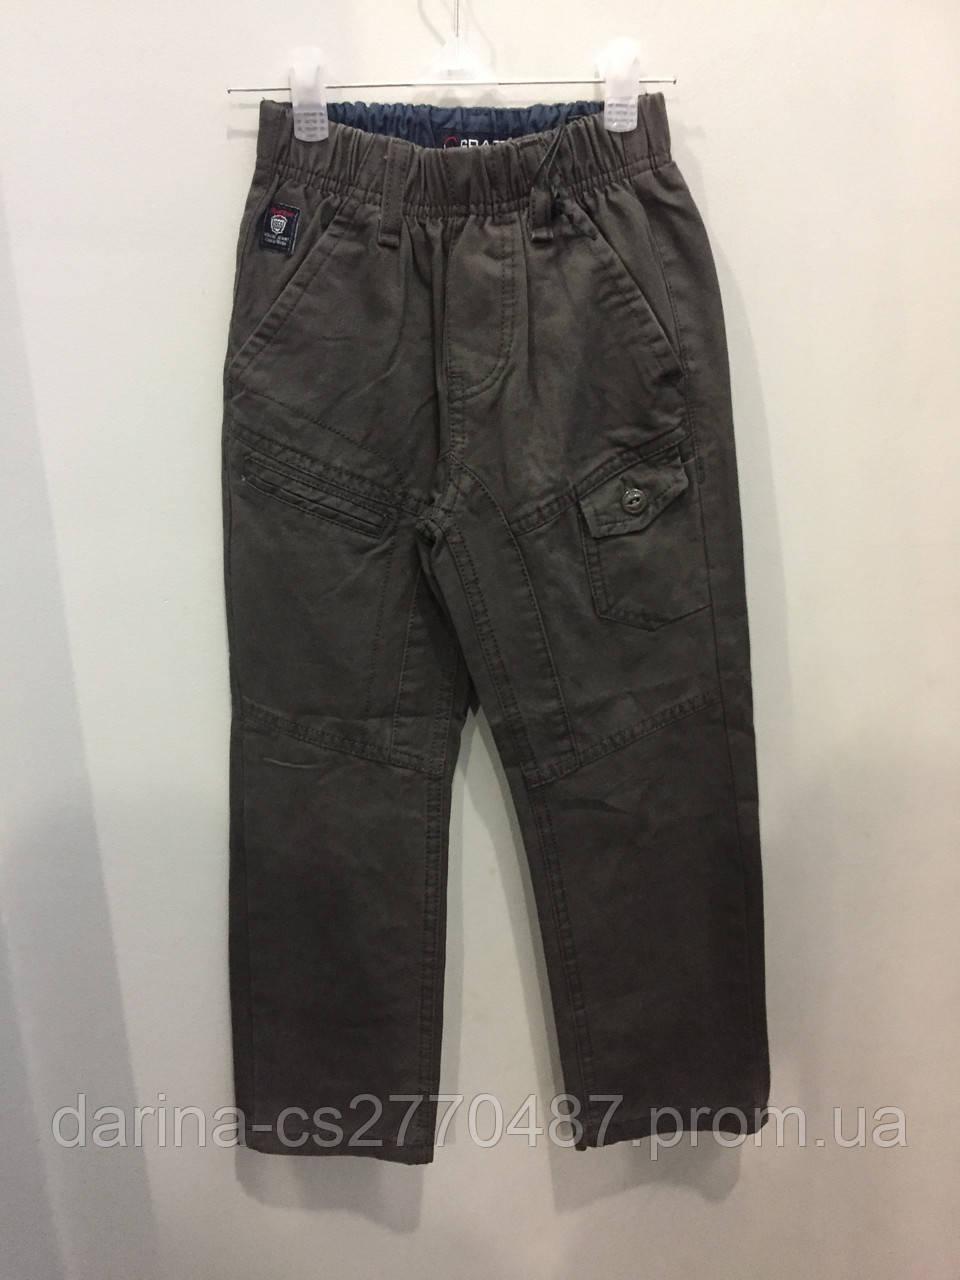 Детские коттоновые брюки для мальчика 110,122,128 см